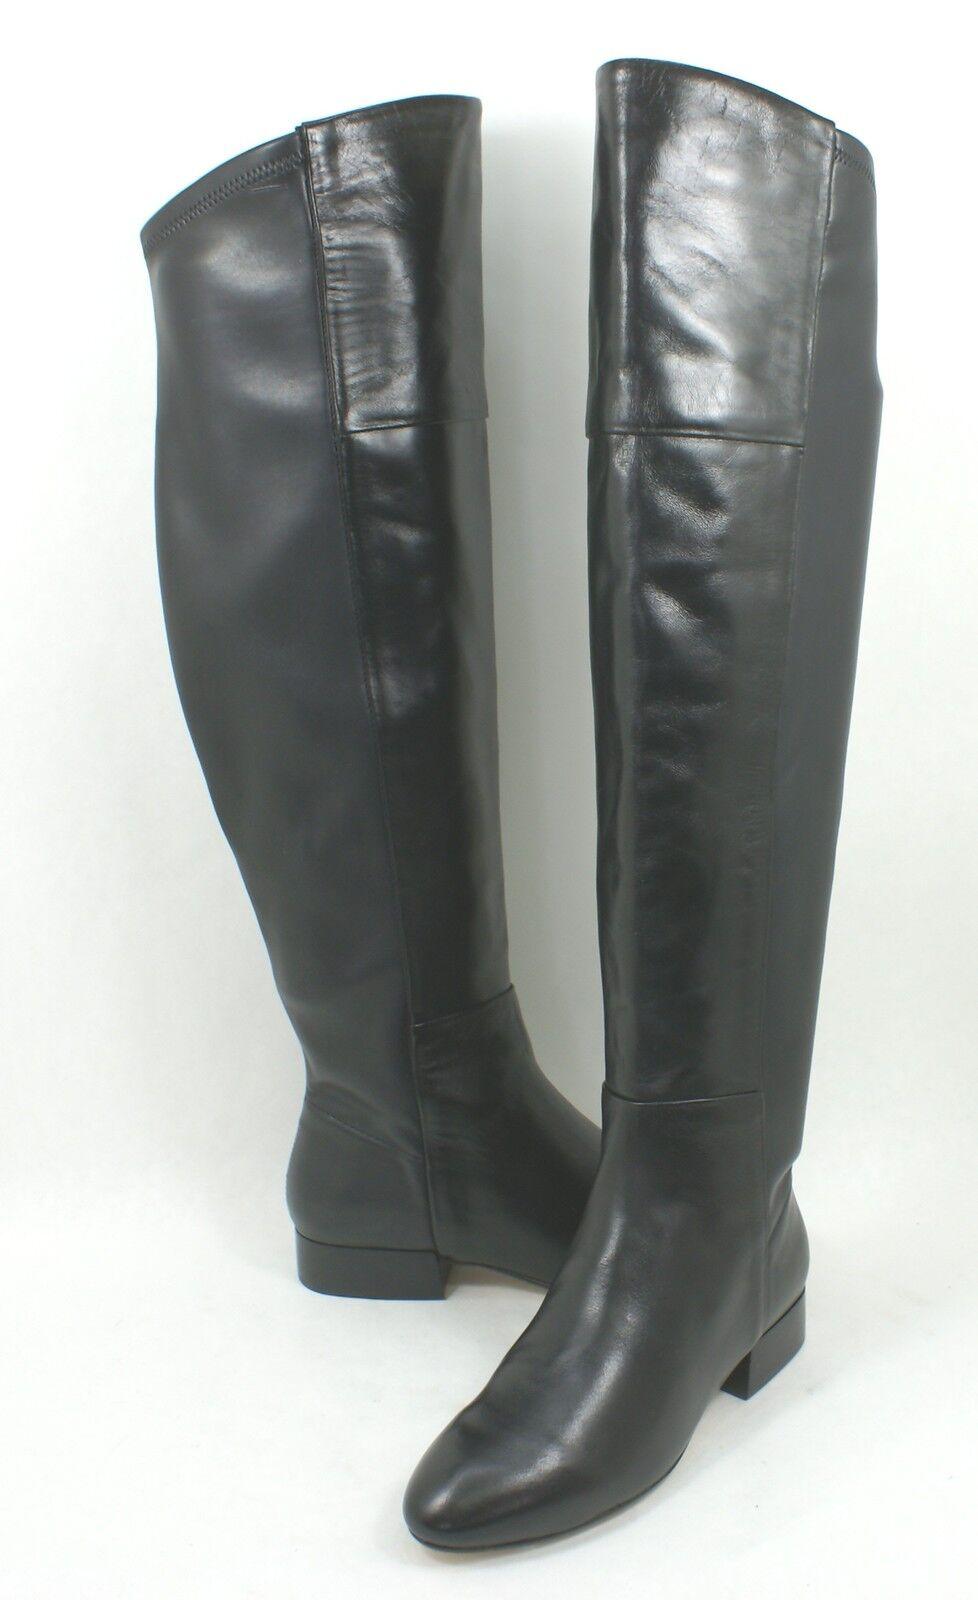 connotazione di lusso low-key Joie 'Daymar' Over the Knee avvio avvio avvio nero Leather Dimensione 6 OTK  economico e alla moda